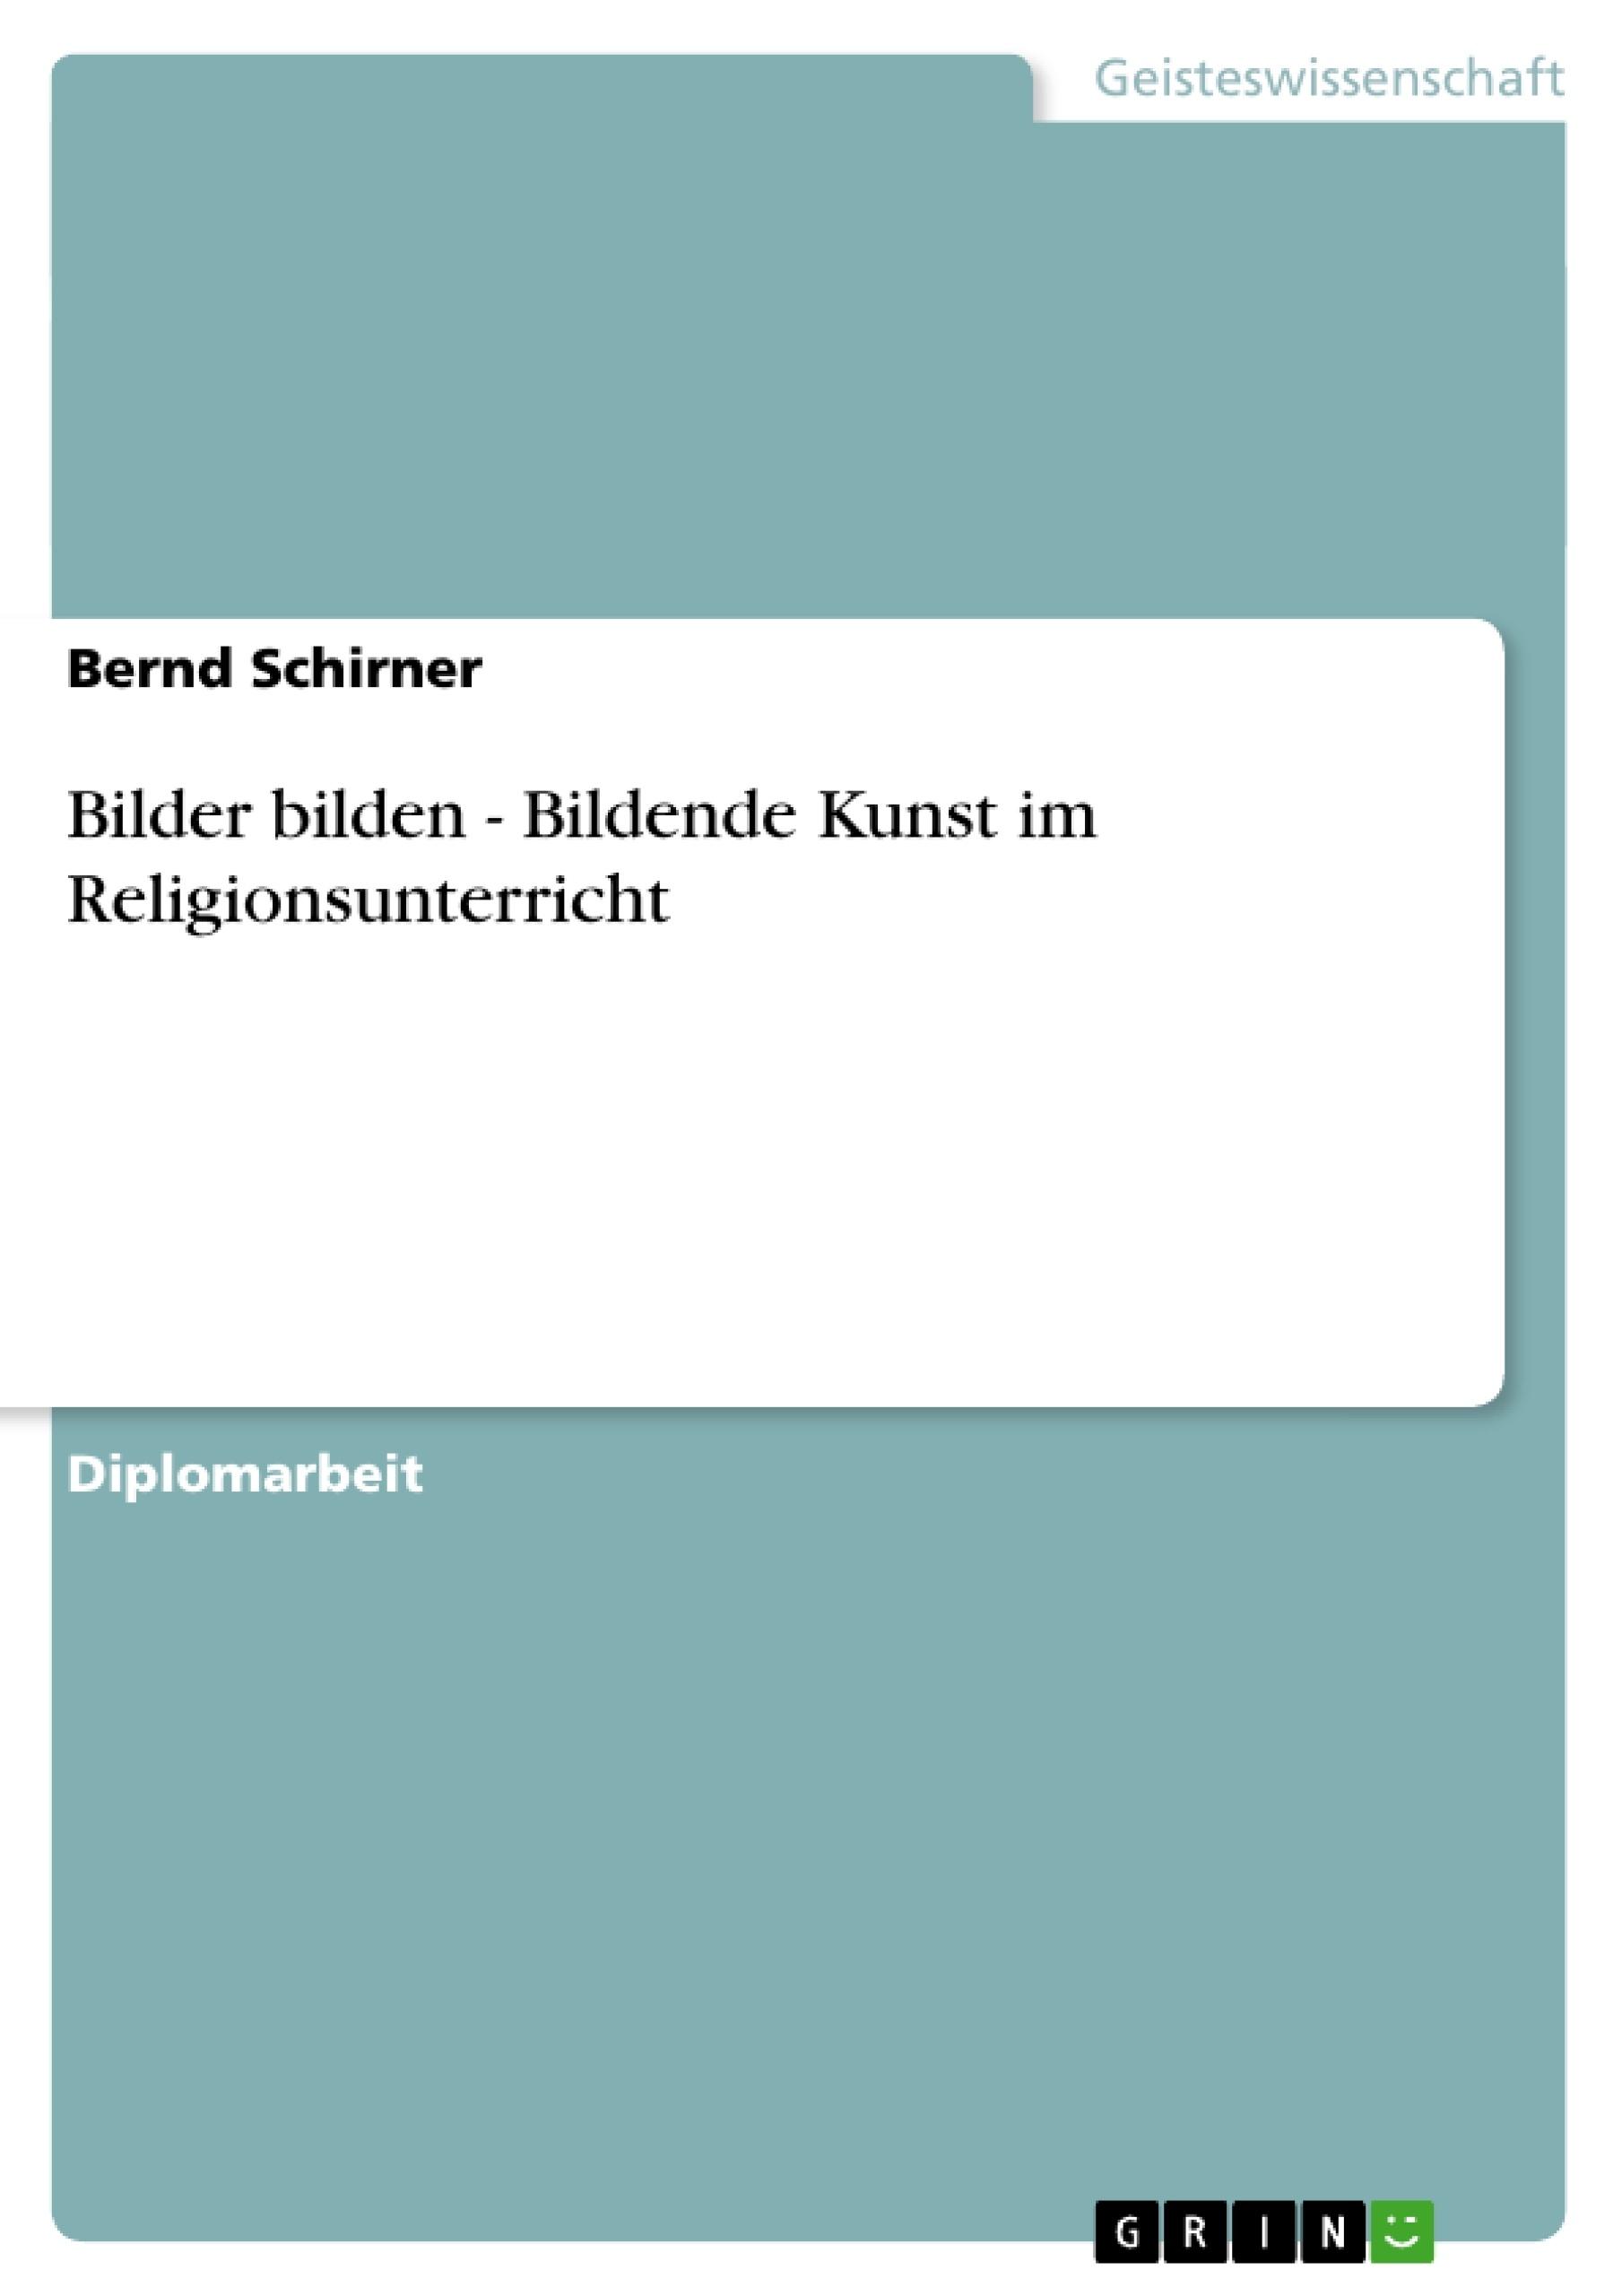 Bilder bilden - Bildende Kunst im Religionsunterricht | Masterarbeit ...